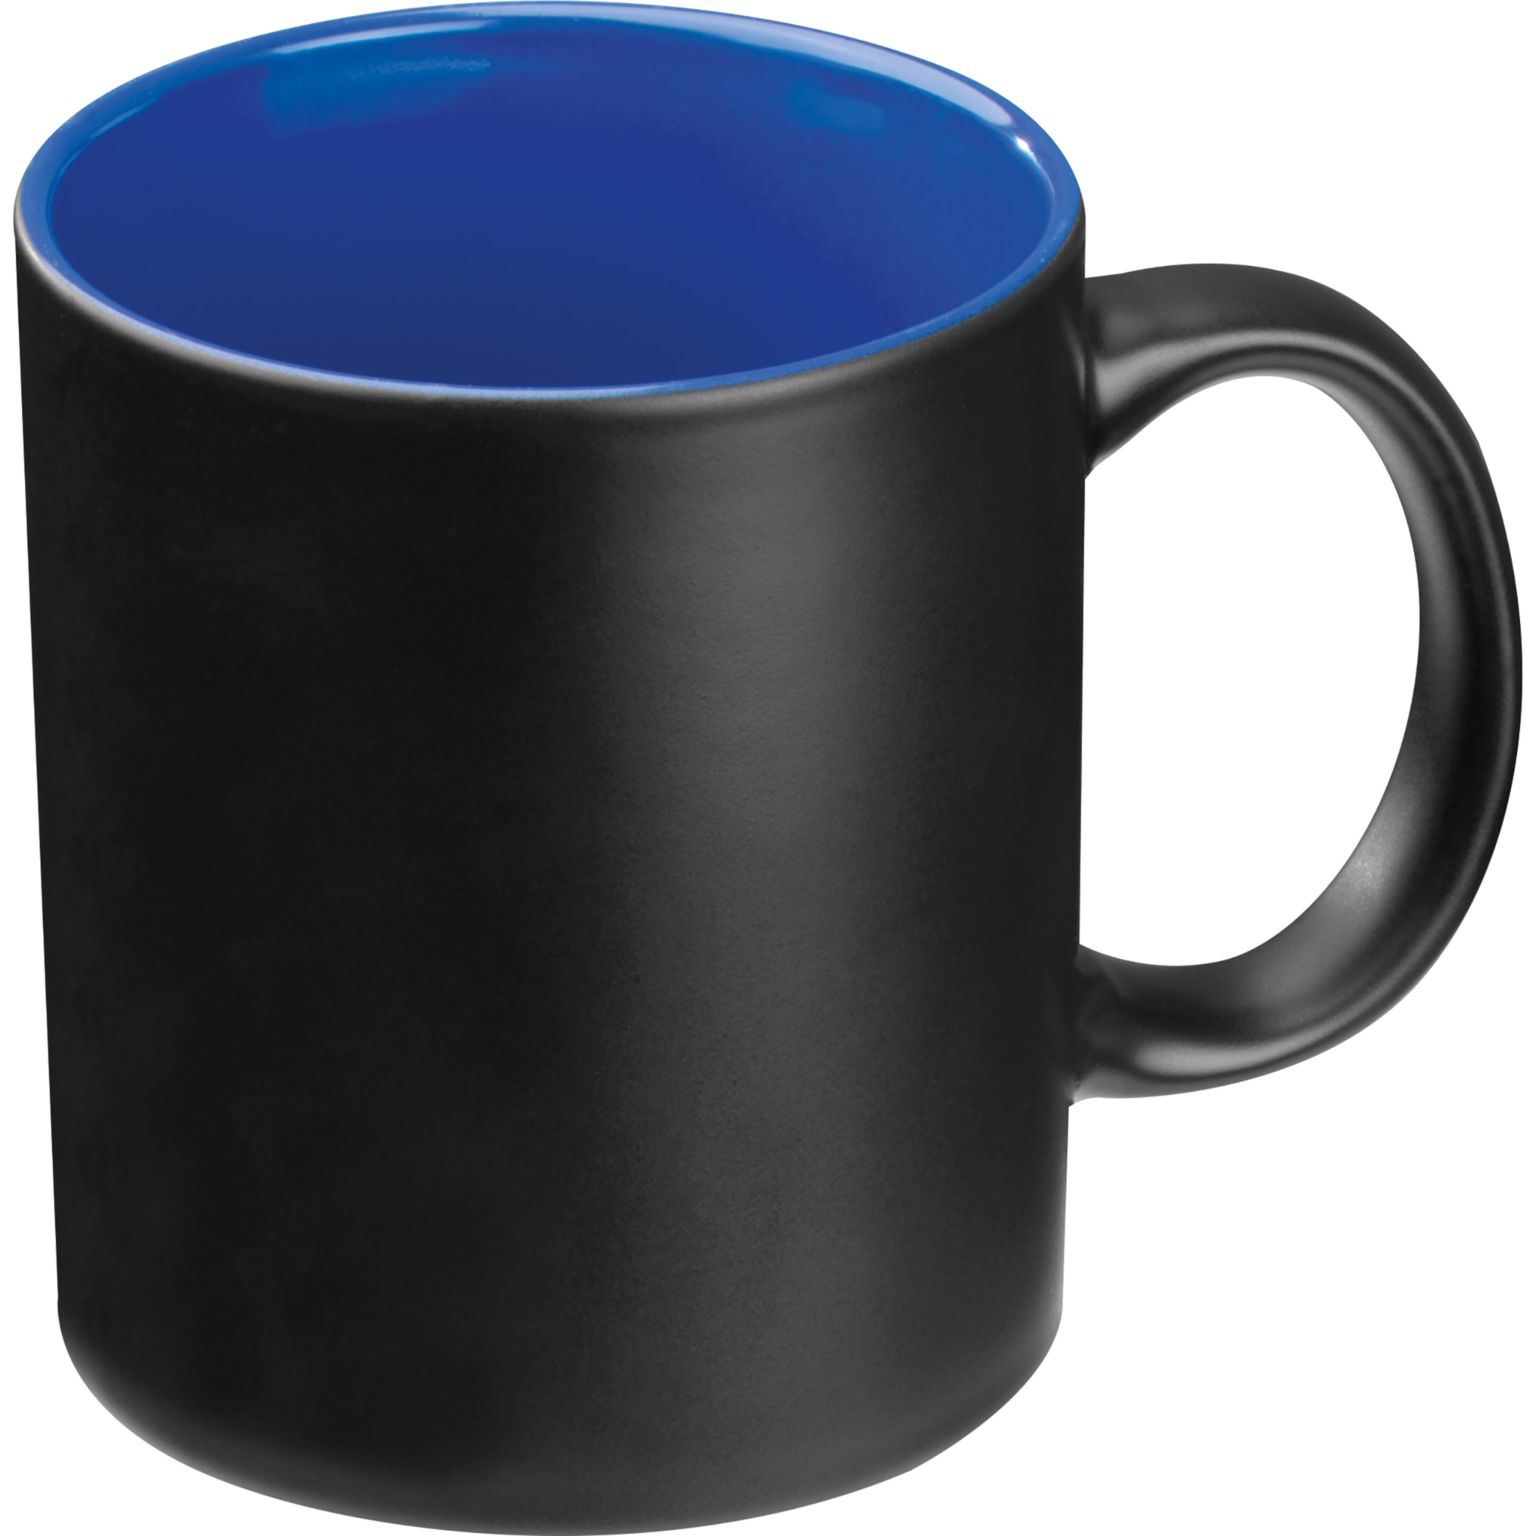 tasse avec extérieur noir et intérieur coloré